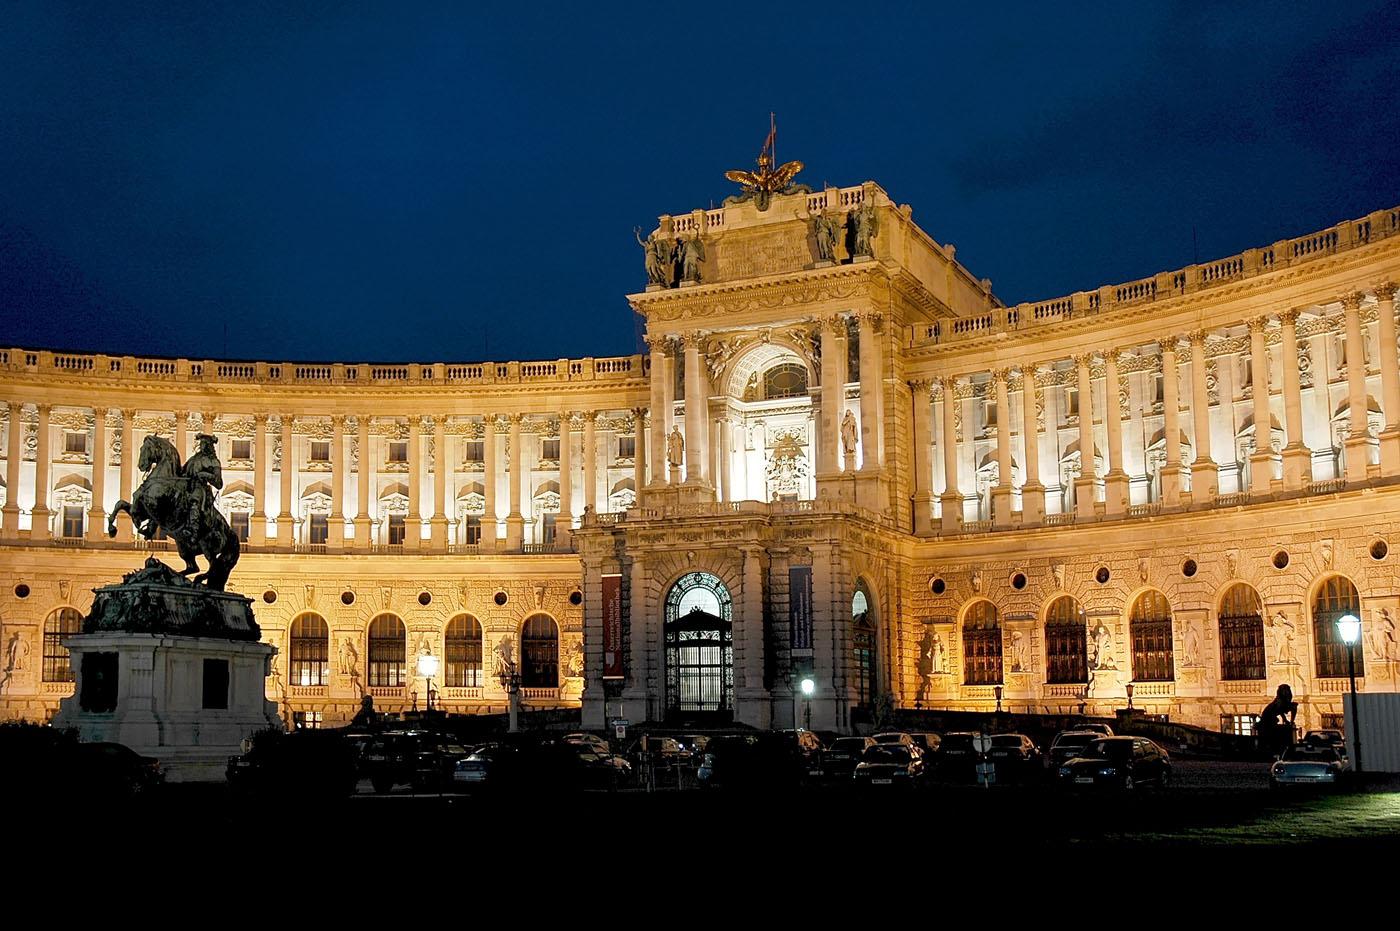 Viena Palacio Imperial. Viena y la ópera